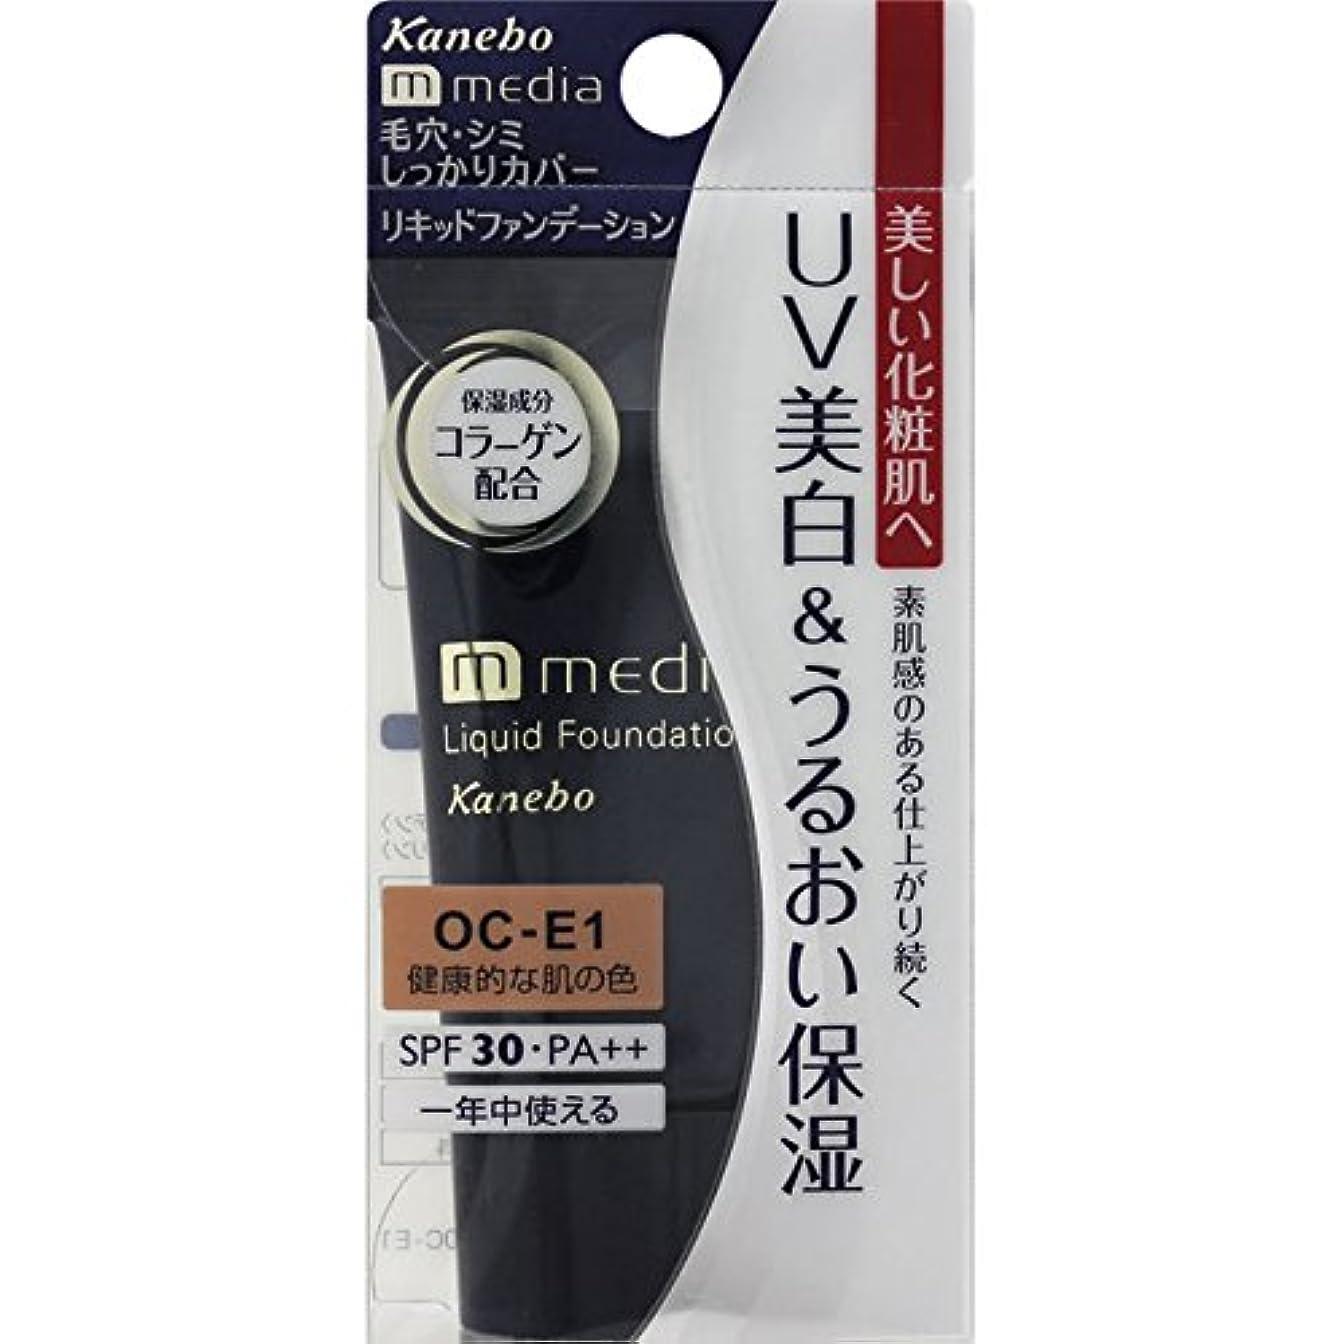 リーズ保護骨カネボウ メディア(media)リキッドファンデーションUV カラー:OC-E1